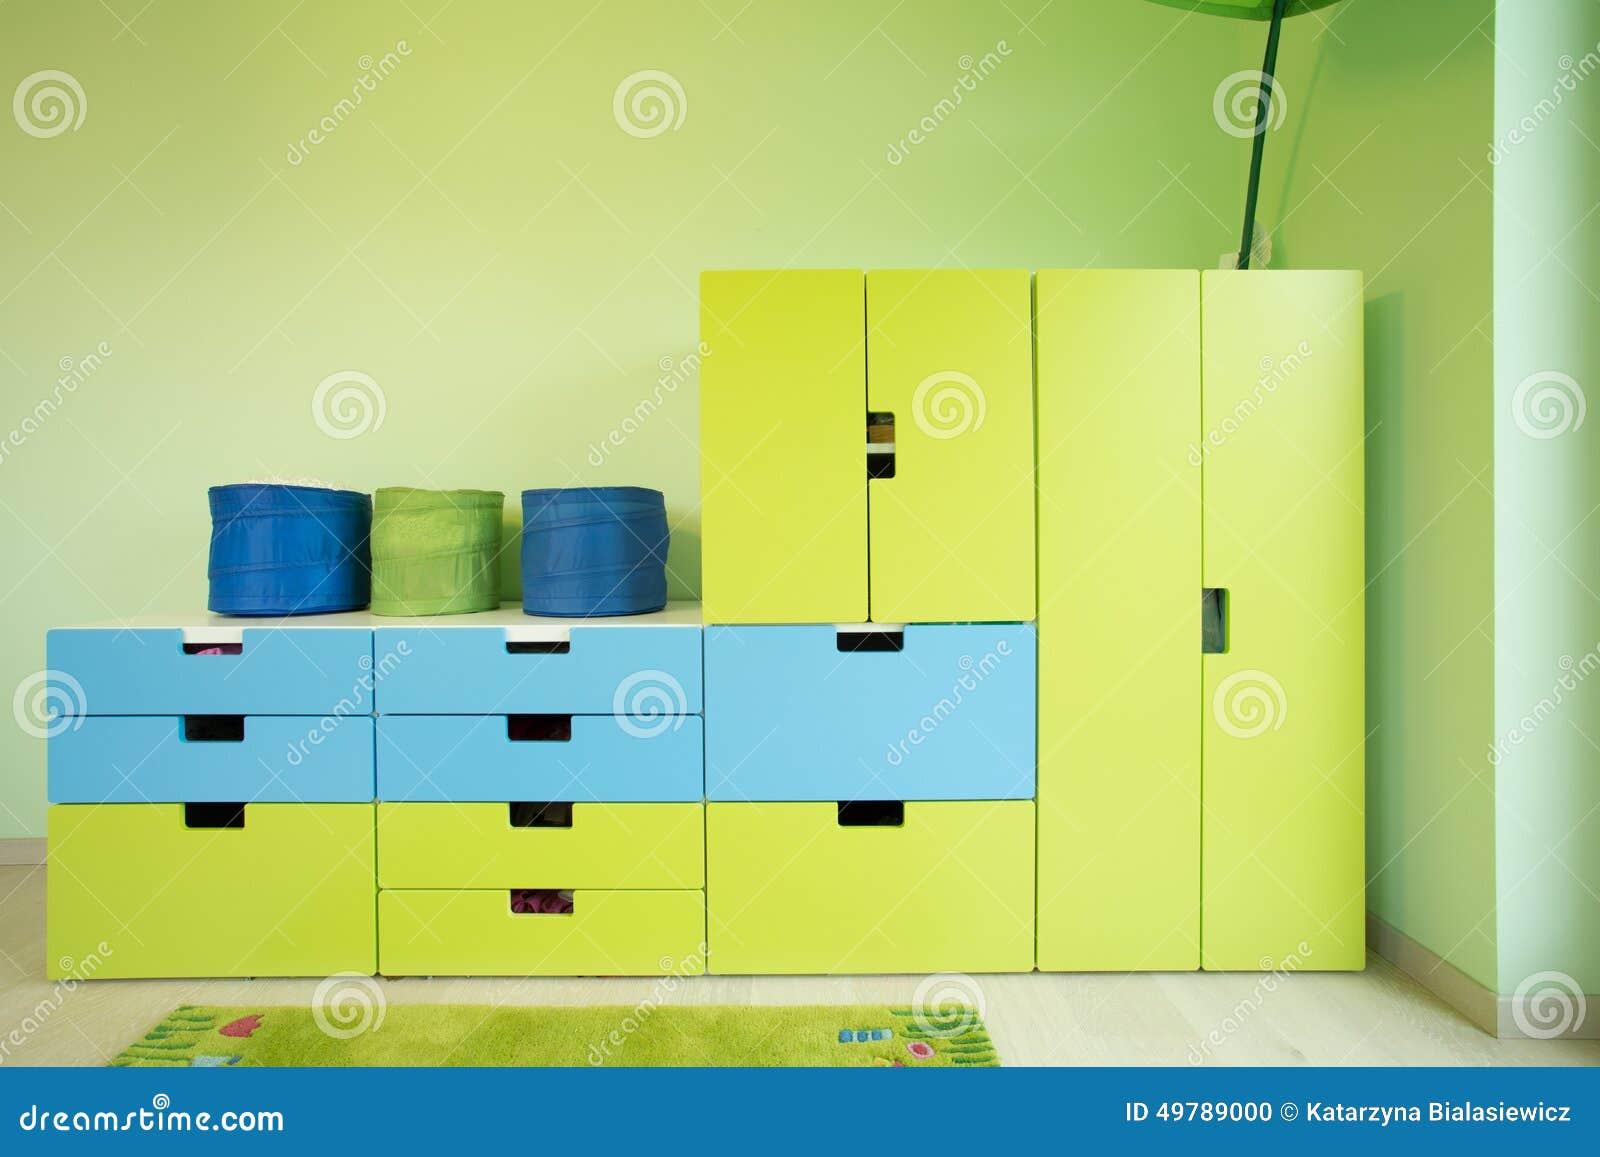 Bunte Möbel bunte möbel innerhalb eines raumes stockfoto bild bequem